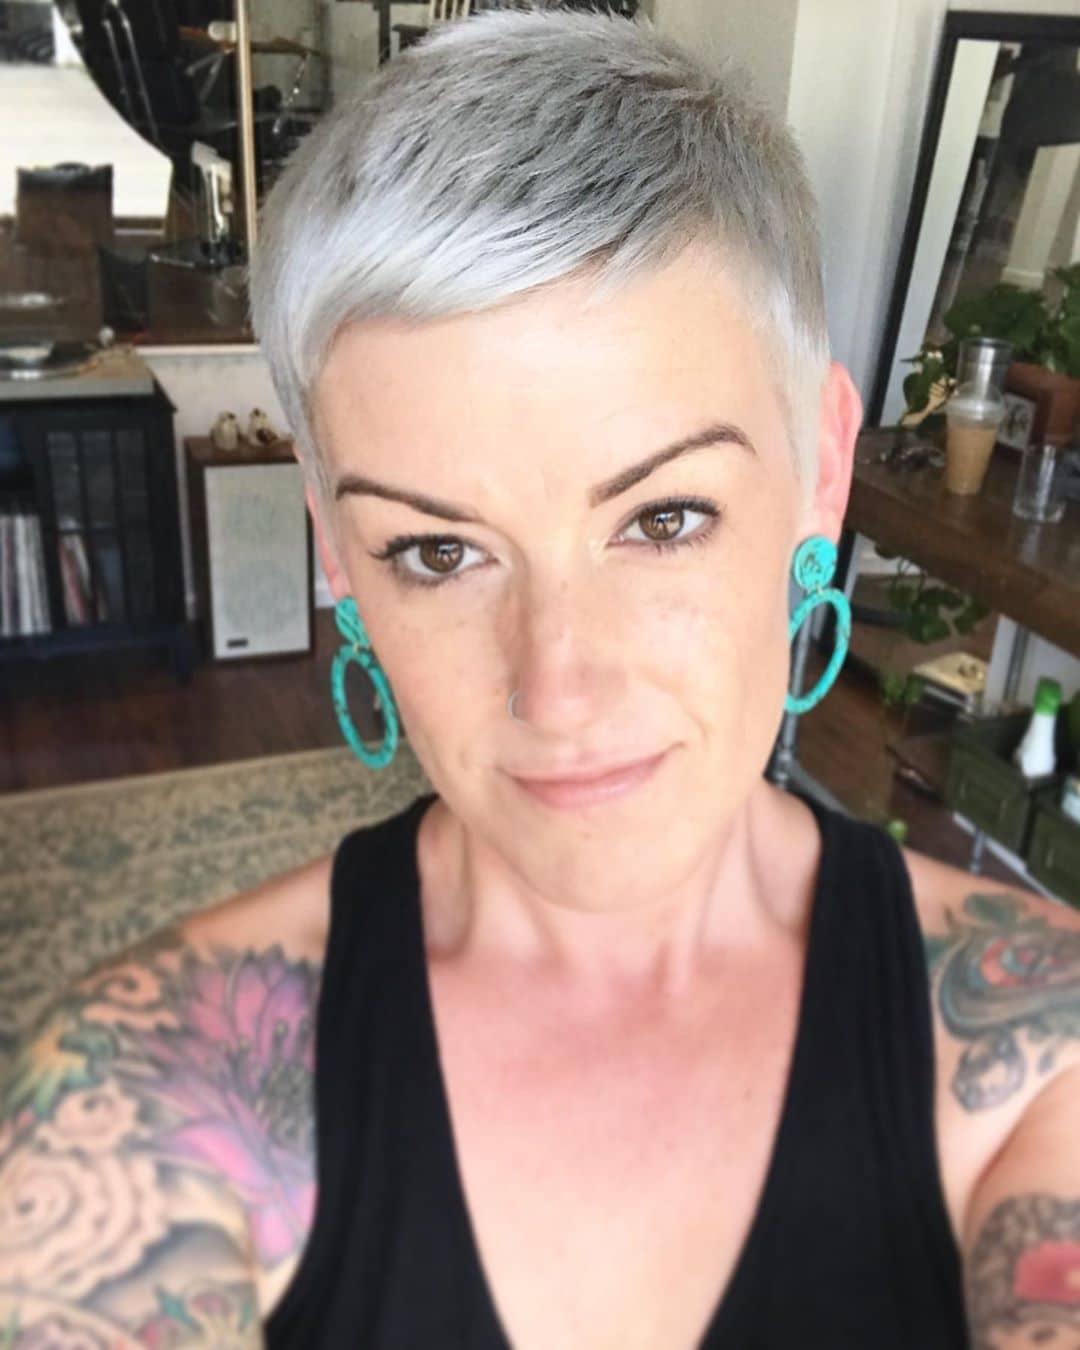 Srebrny pixie cut dla cienkich włosów